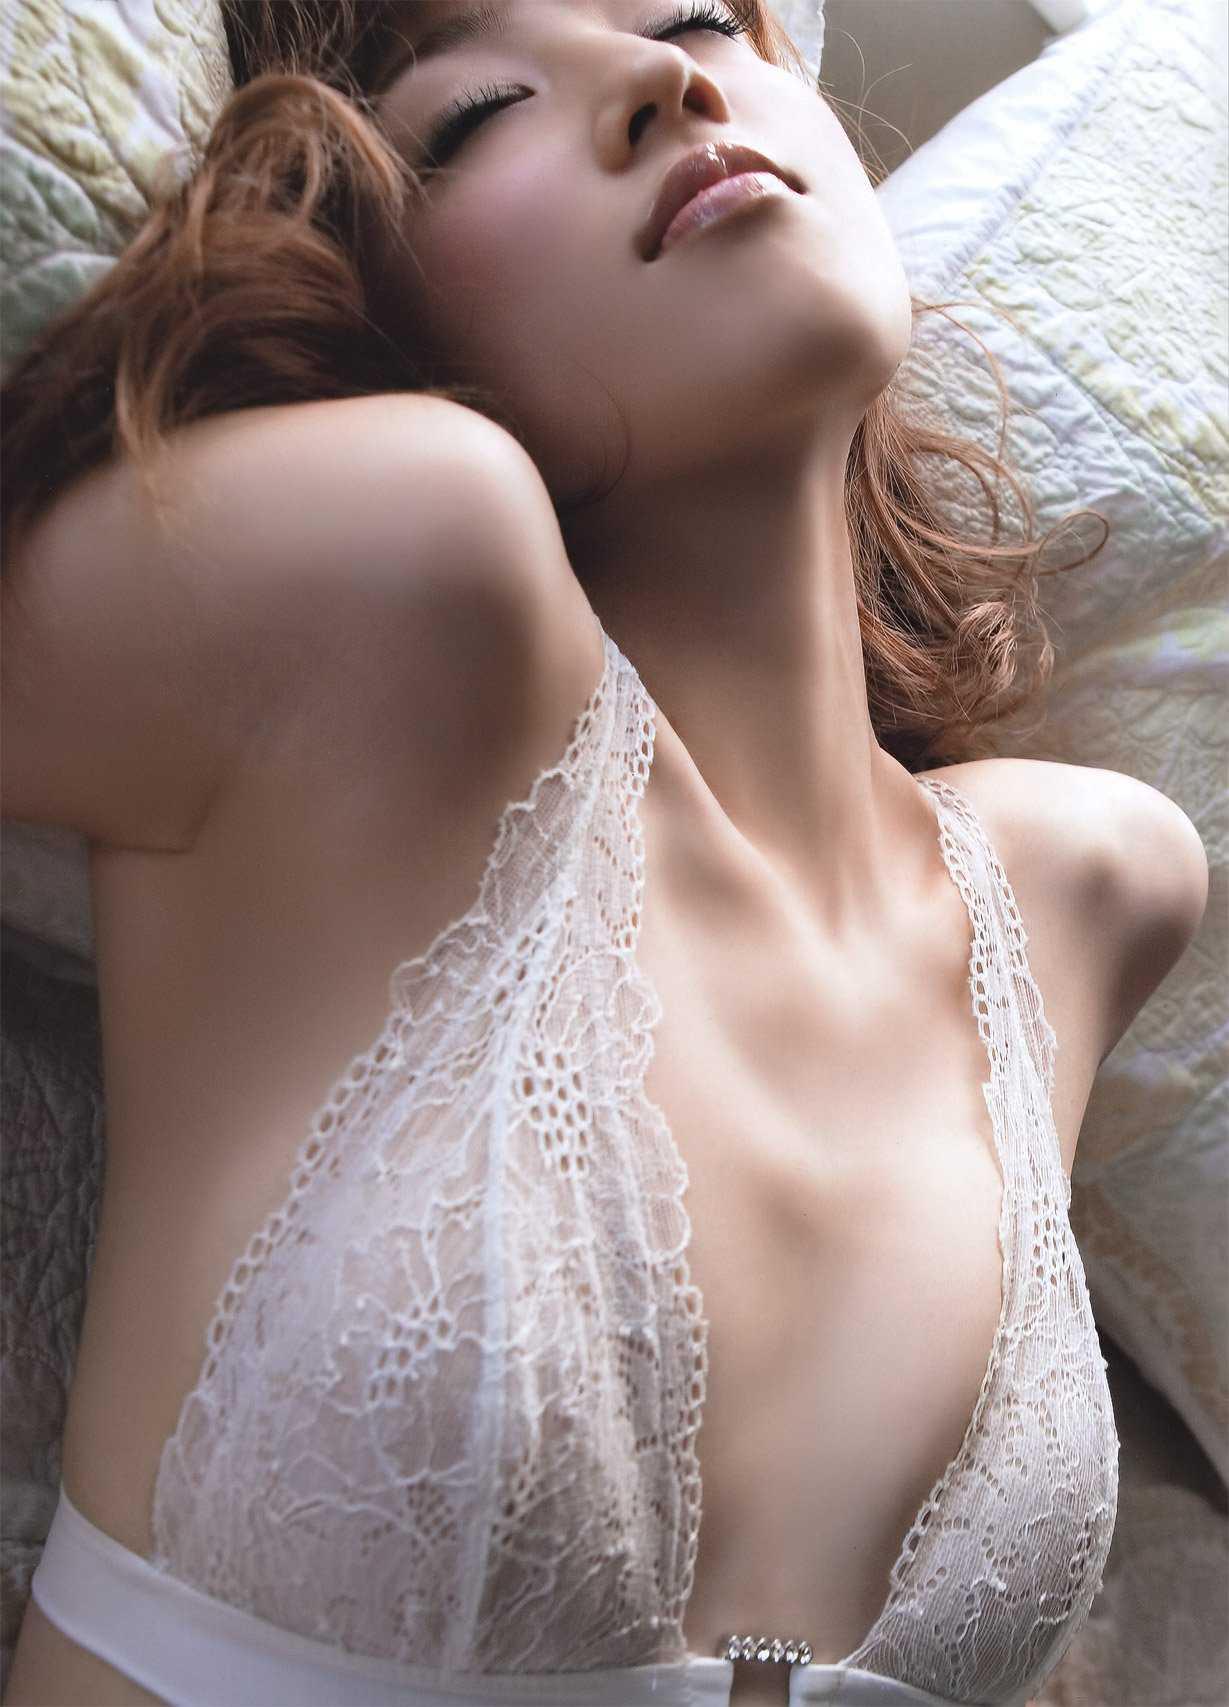 女の腋は22